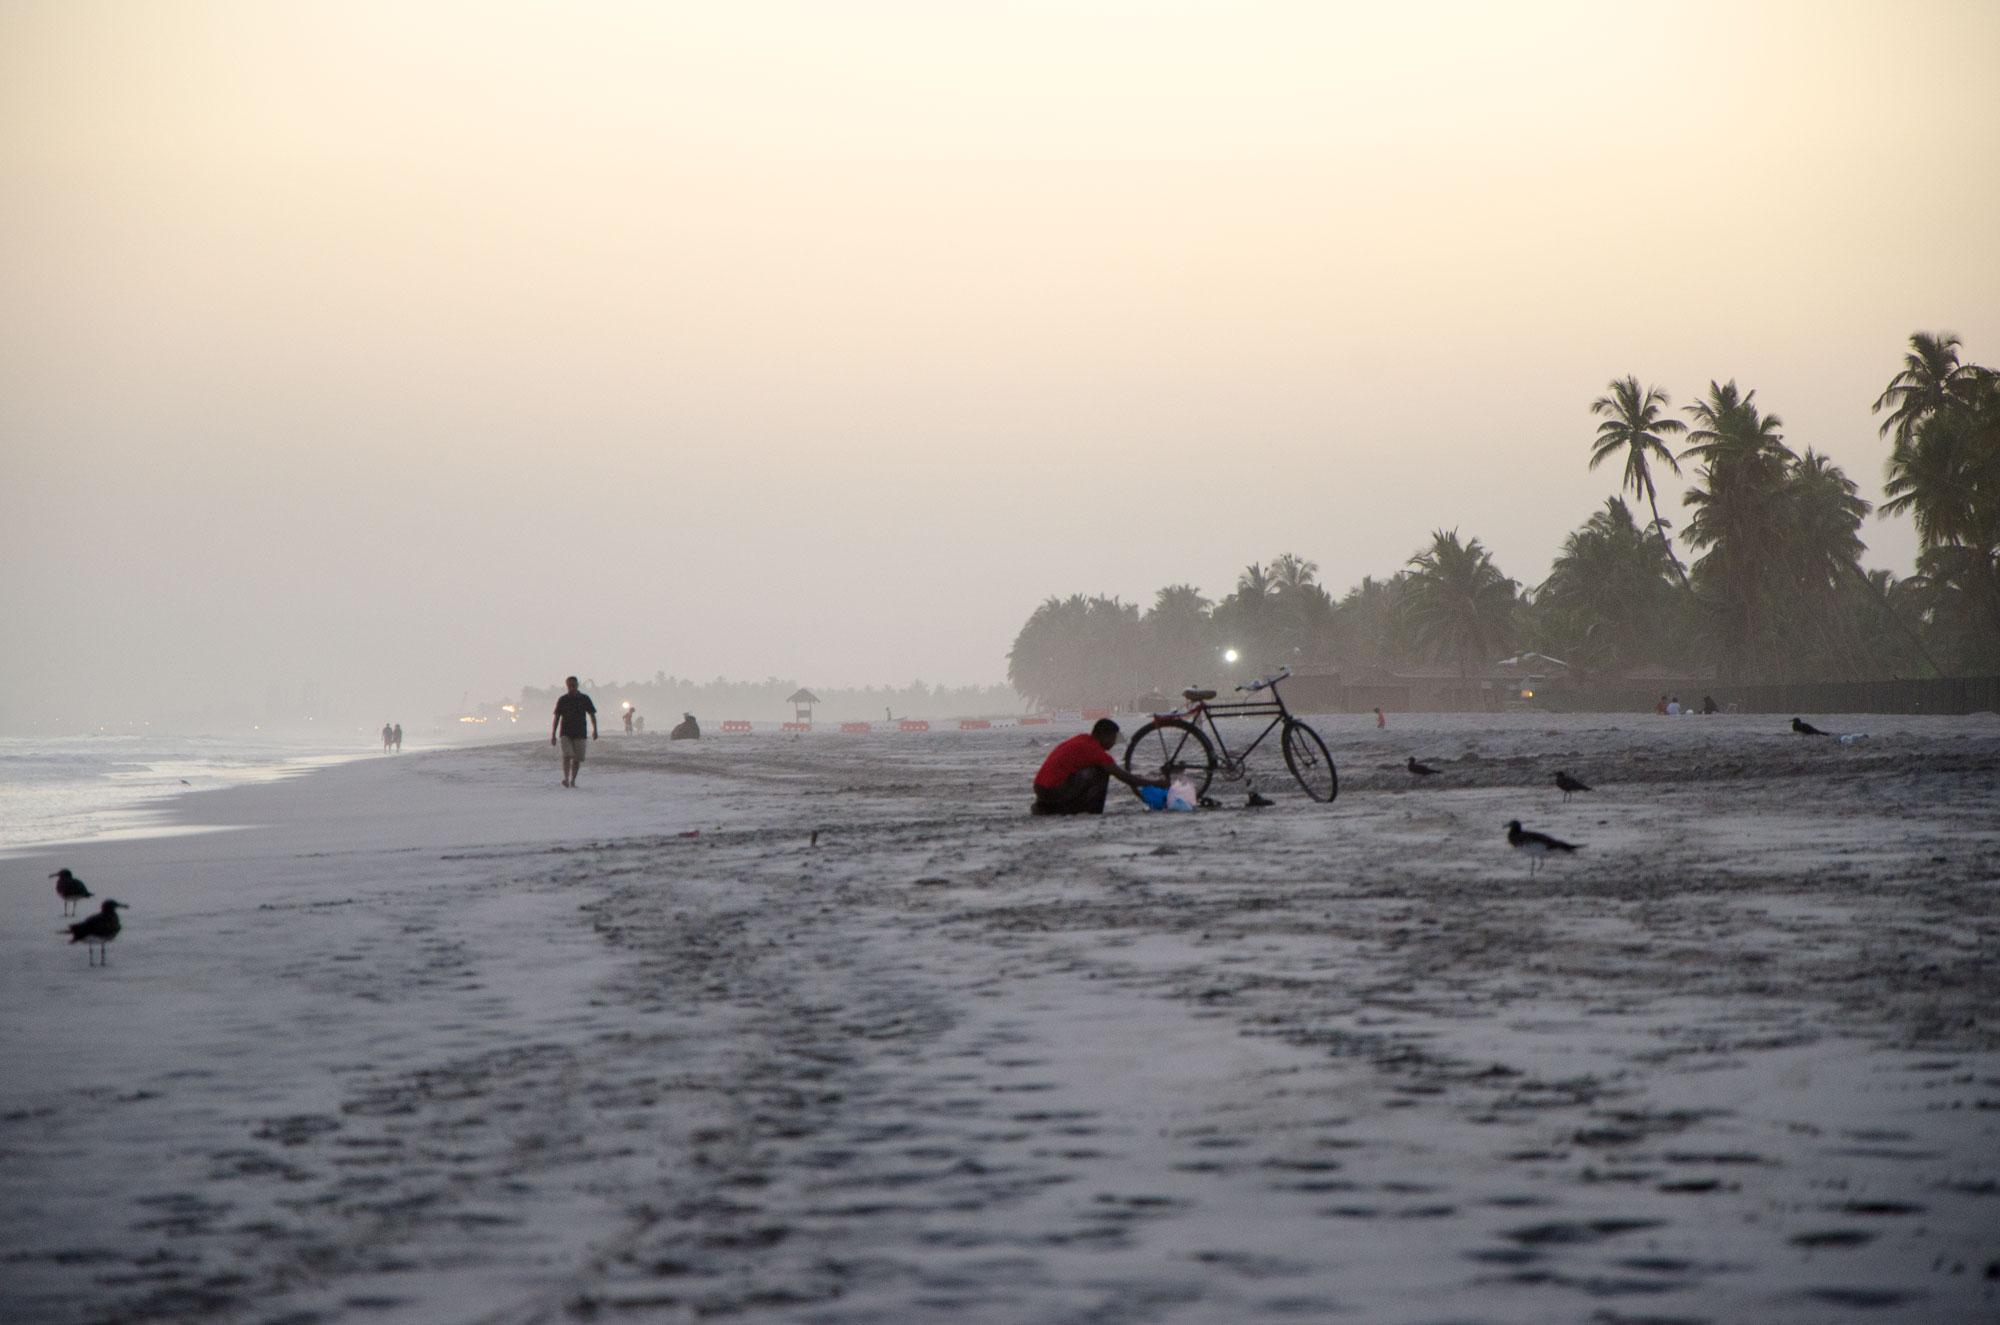 Mit einer Abendstimmung starten wir am Strand von Salalah im Süden des Omans. Foto: Lothar Ruttner